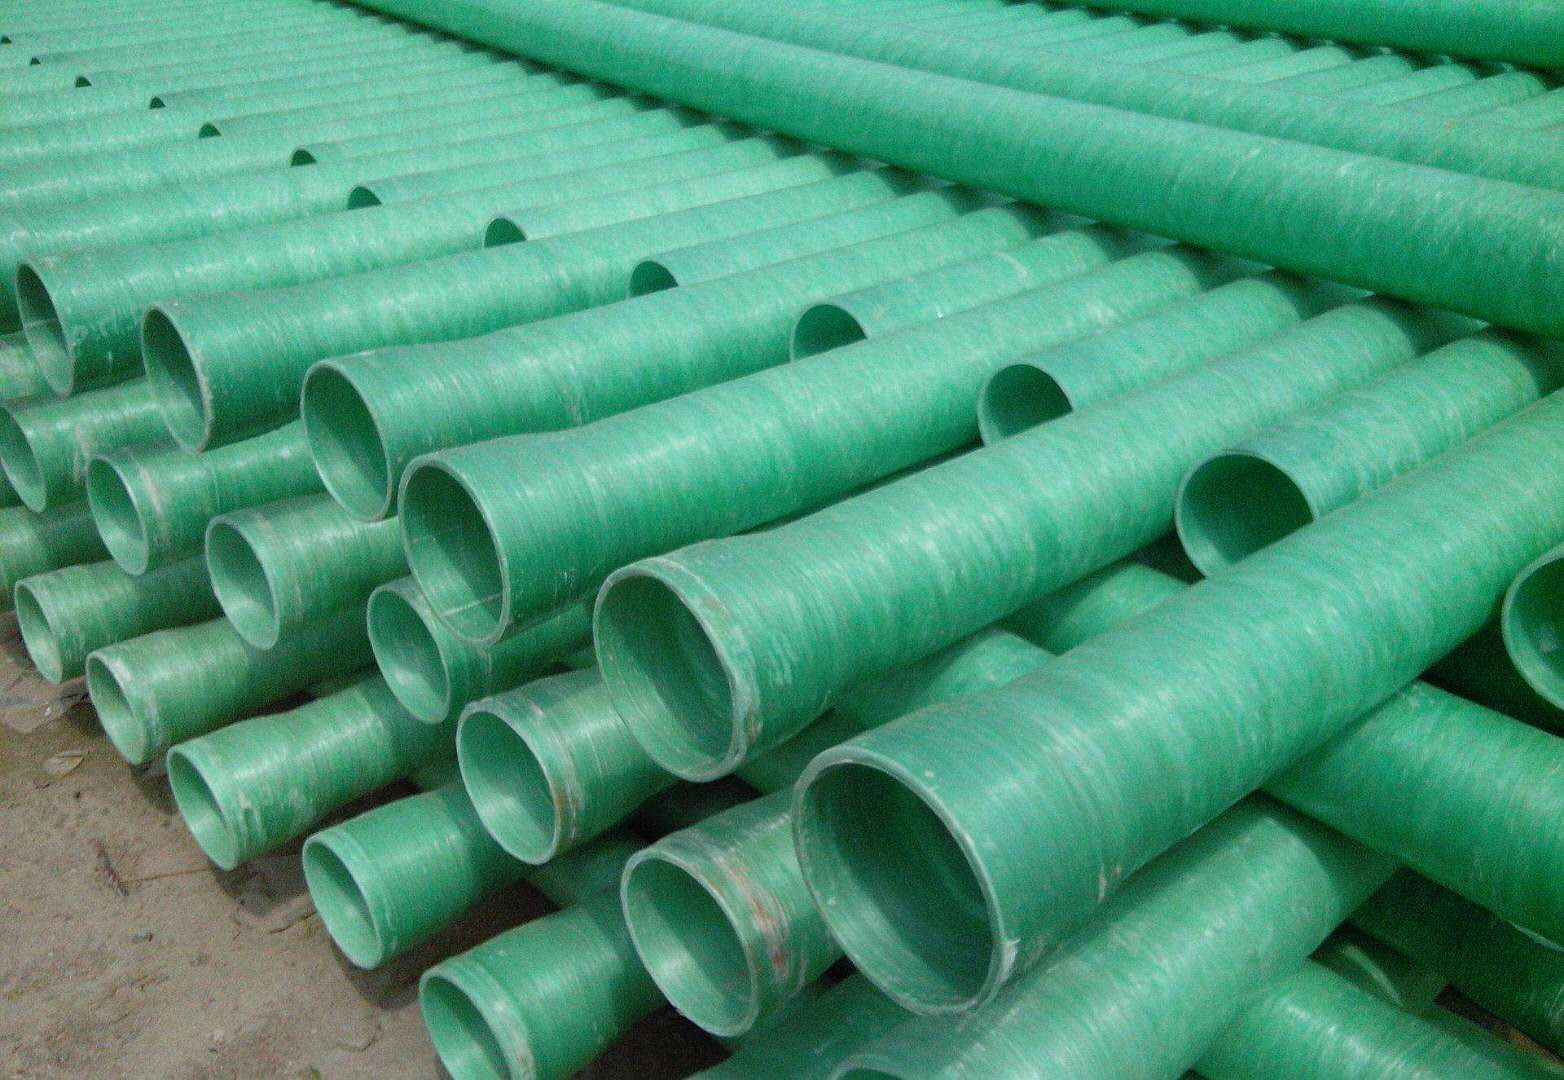 玻璃钢电缆管|玻璃钢电缆管-枣强县环保科技有限公司